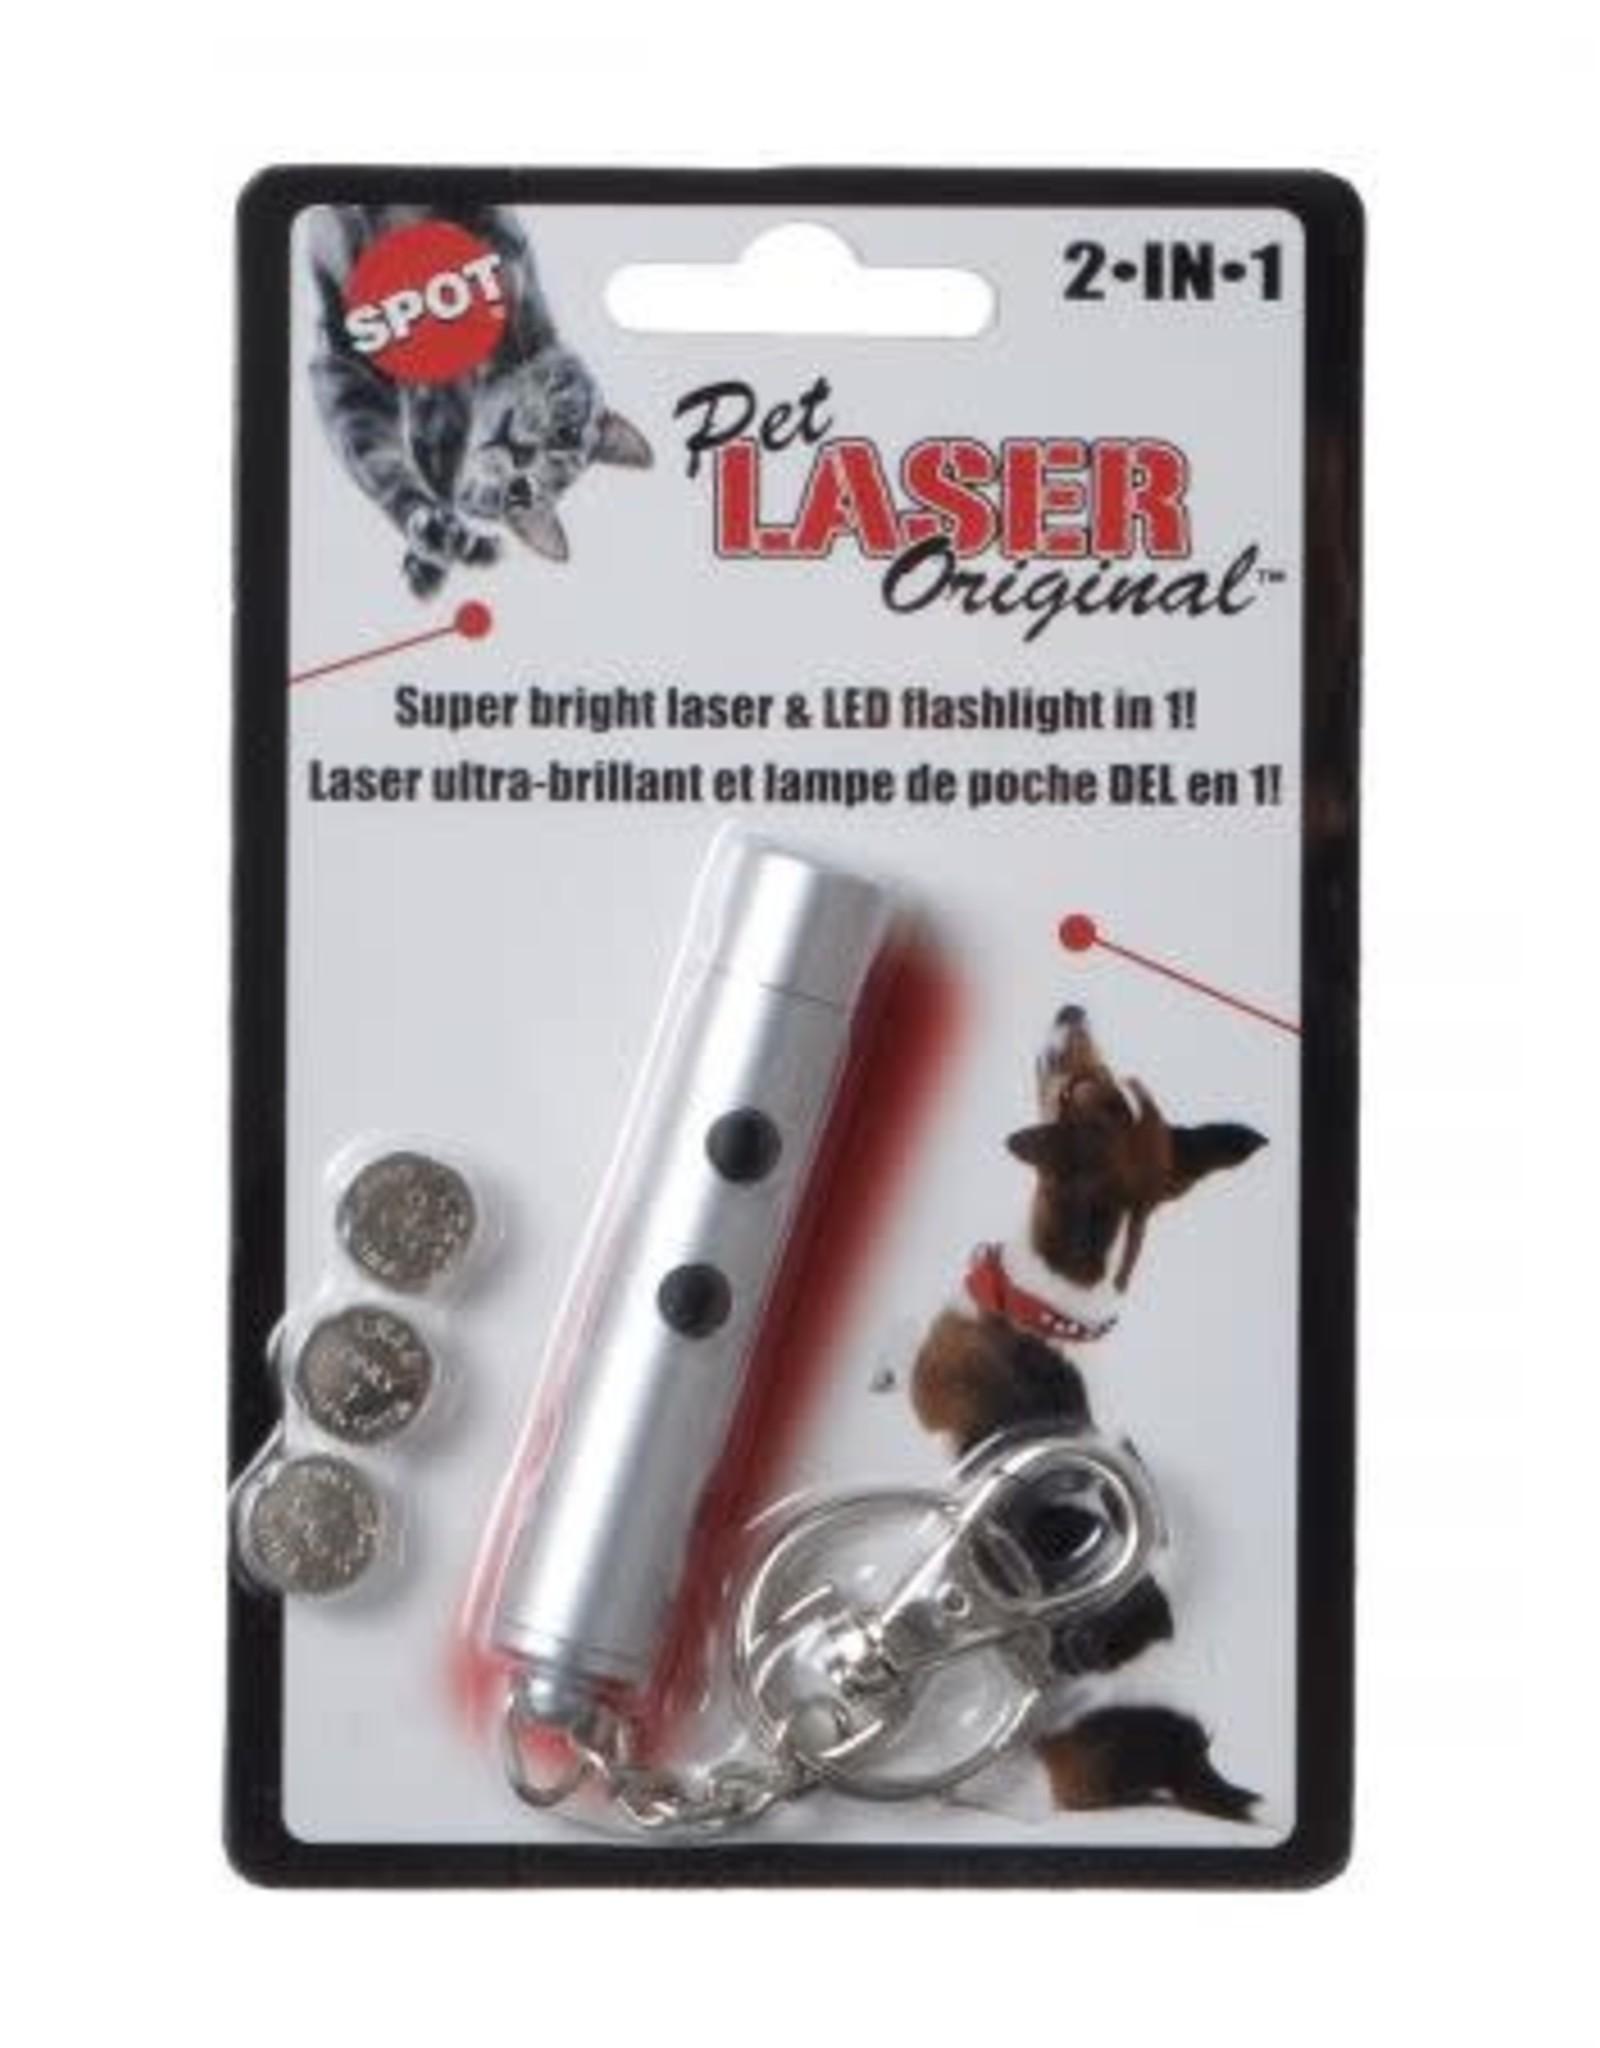 Spot 2 in 1 Pet Laser